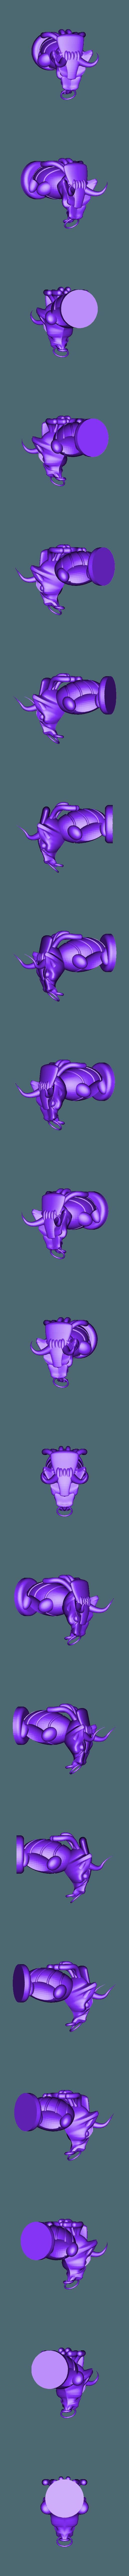 Mr Bull.stl Télécharger fichier STL gratuit Ms Hibou, Mr Lion, and Mr Bull • Modèle pour imprimante 3D, arkhauss29